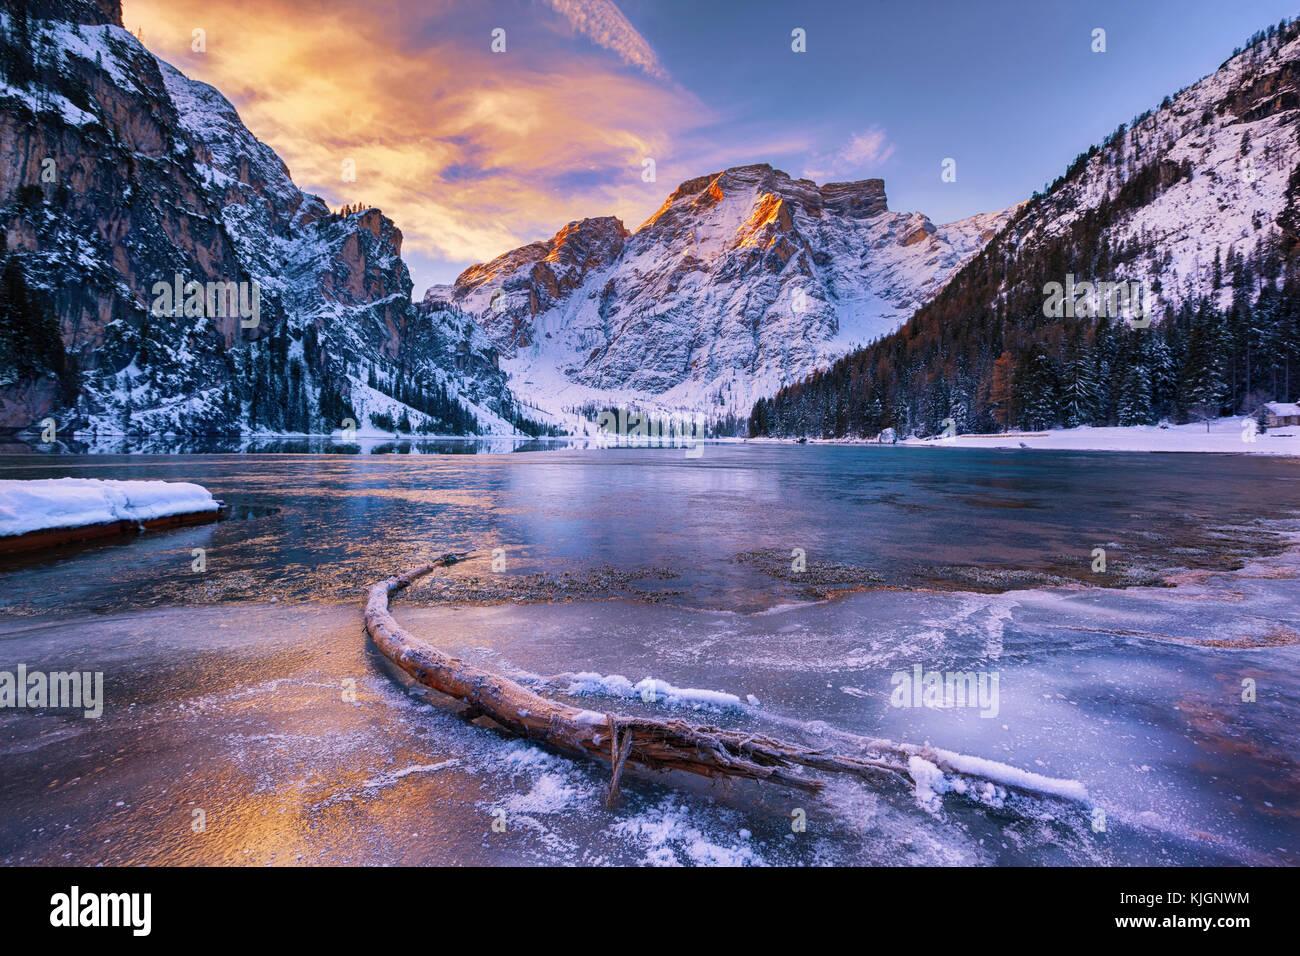 Amanecer en invierno Lago di Braies, Dolomitas, Italia Imagen De Stock